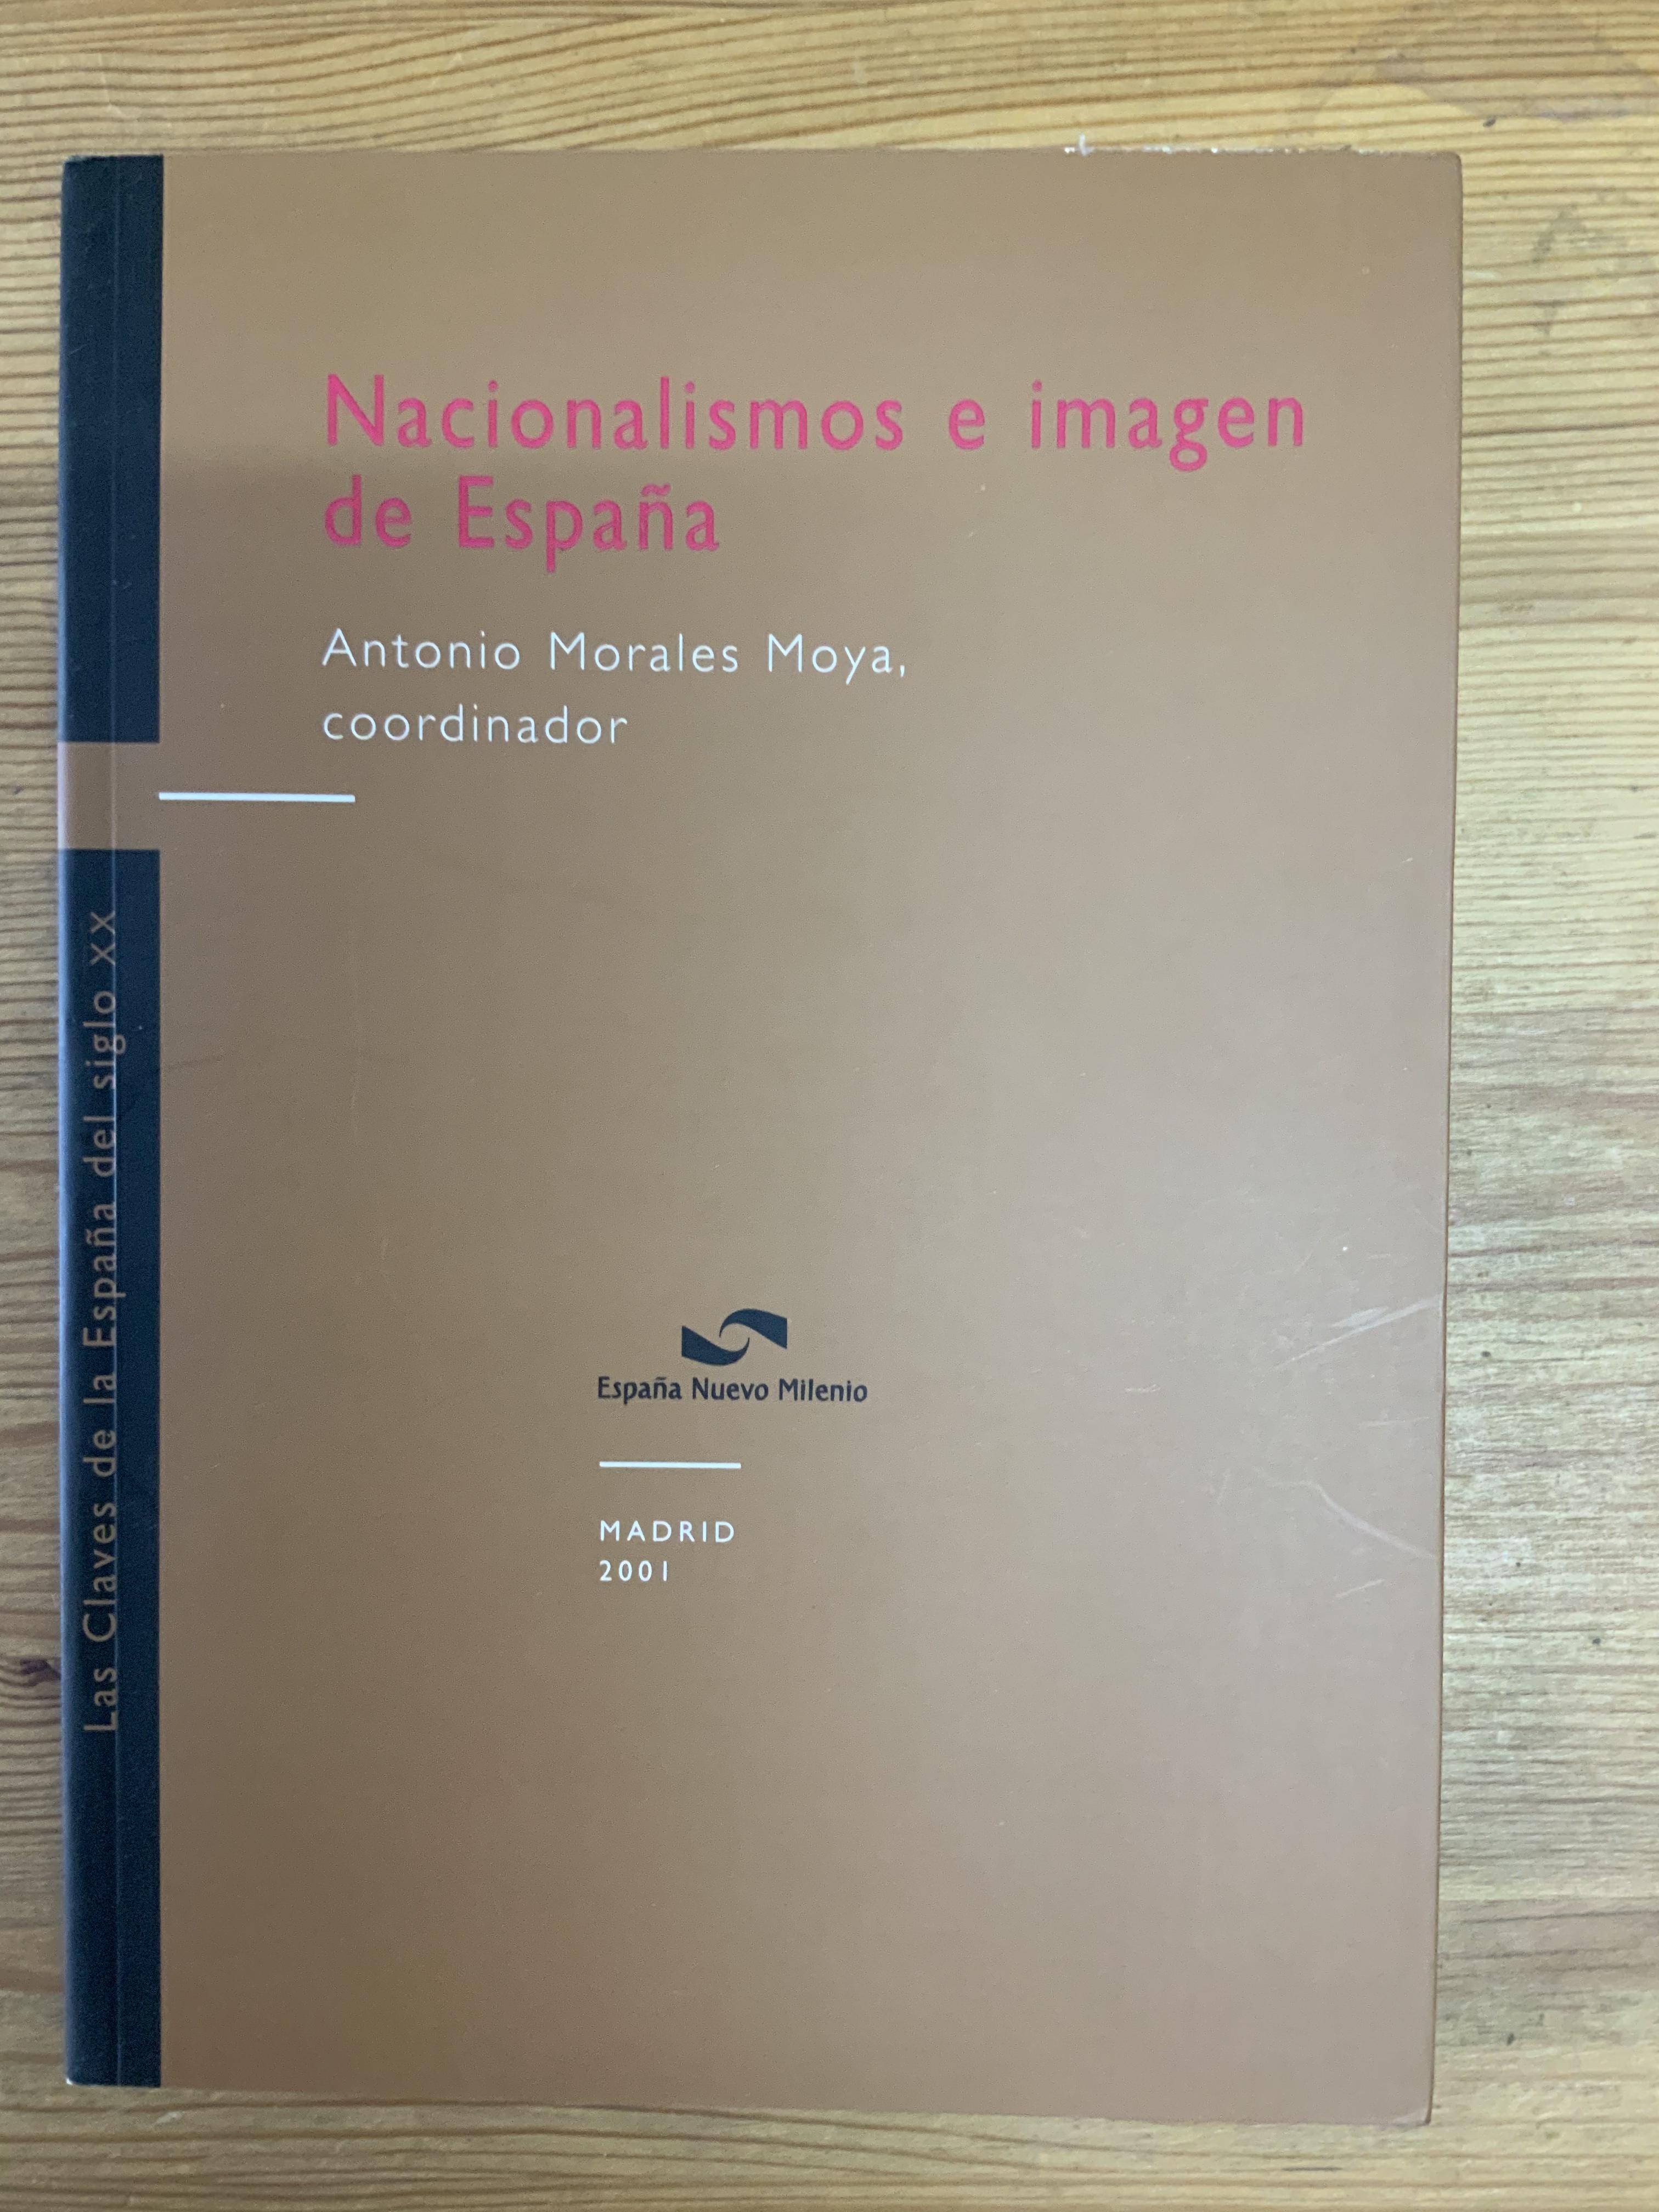 Nacionalismo e imagen de España - Antonio Morales Moya, coordinador